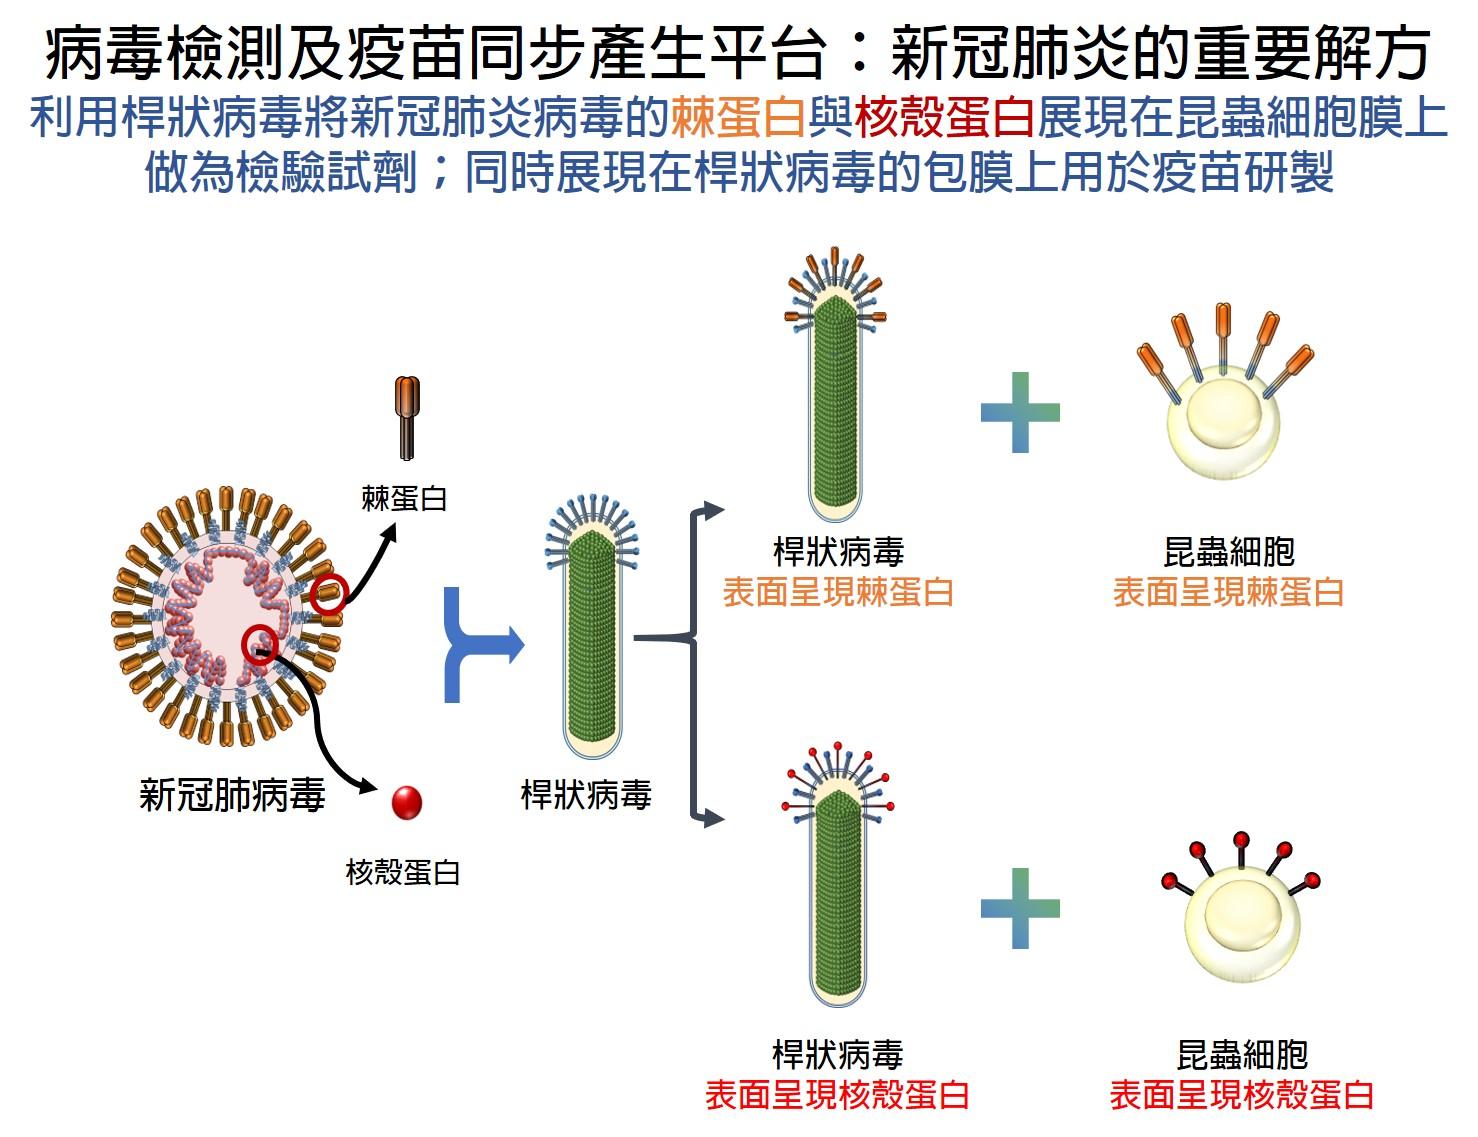 病毒檢測及疫苗同步產生平台:創造新冠肺炎新解方